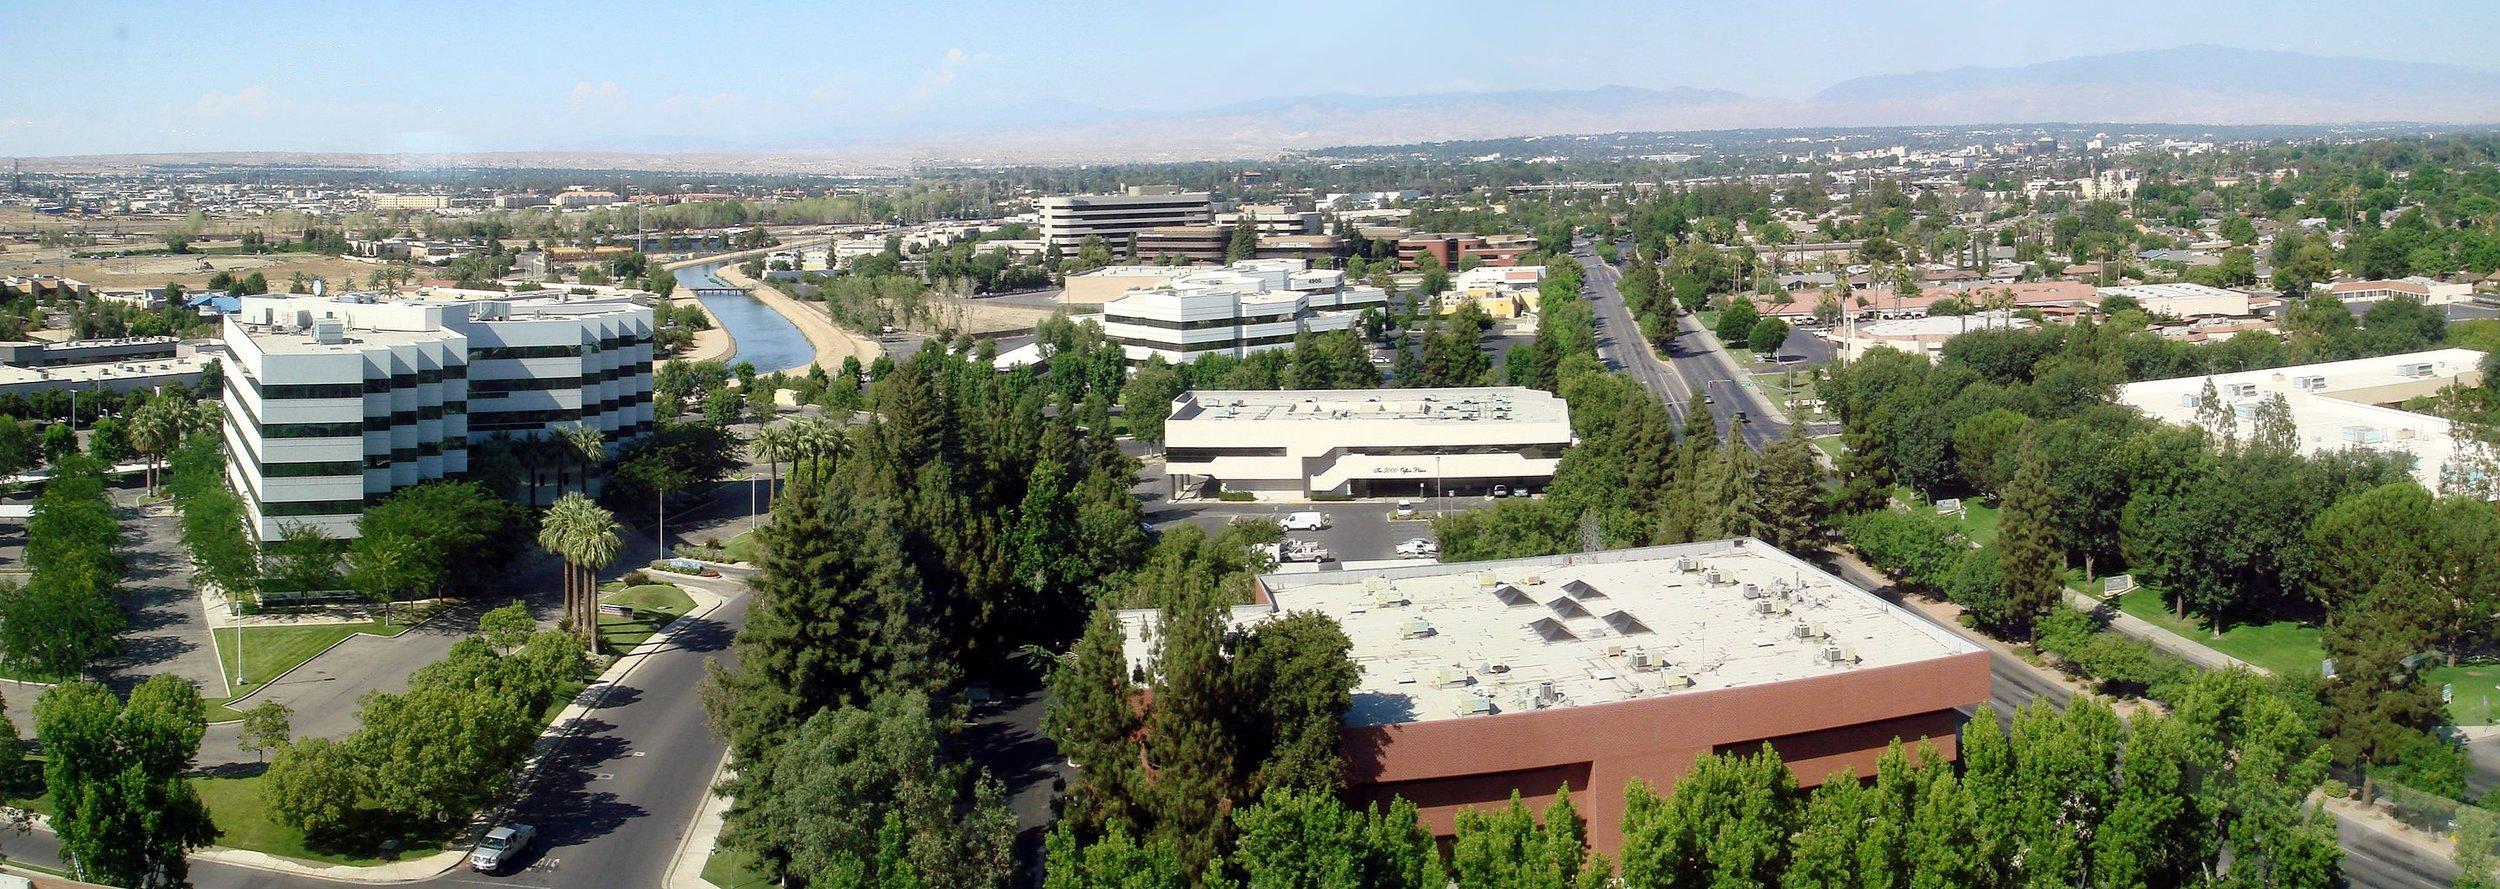 2008-0621-Bakersfield-pan-2.JPG